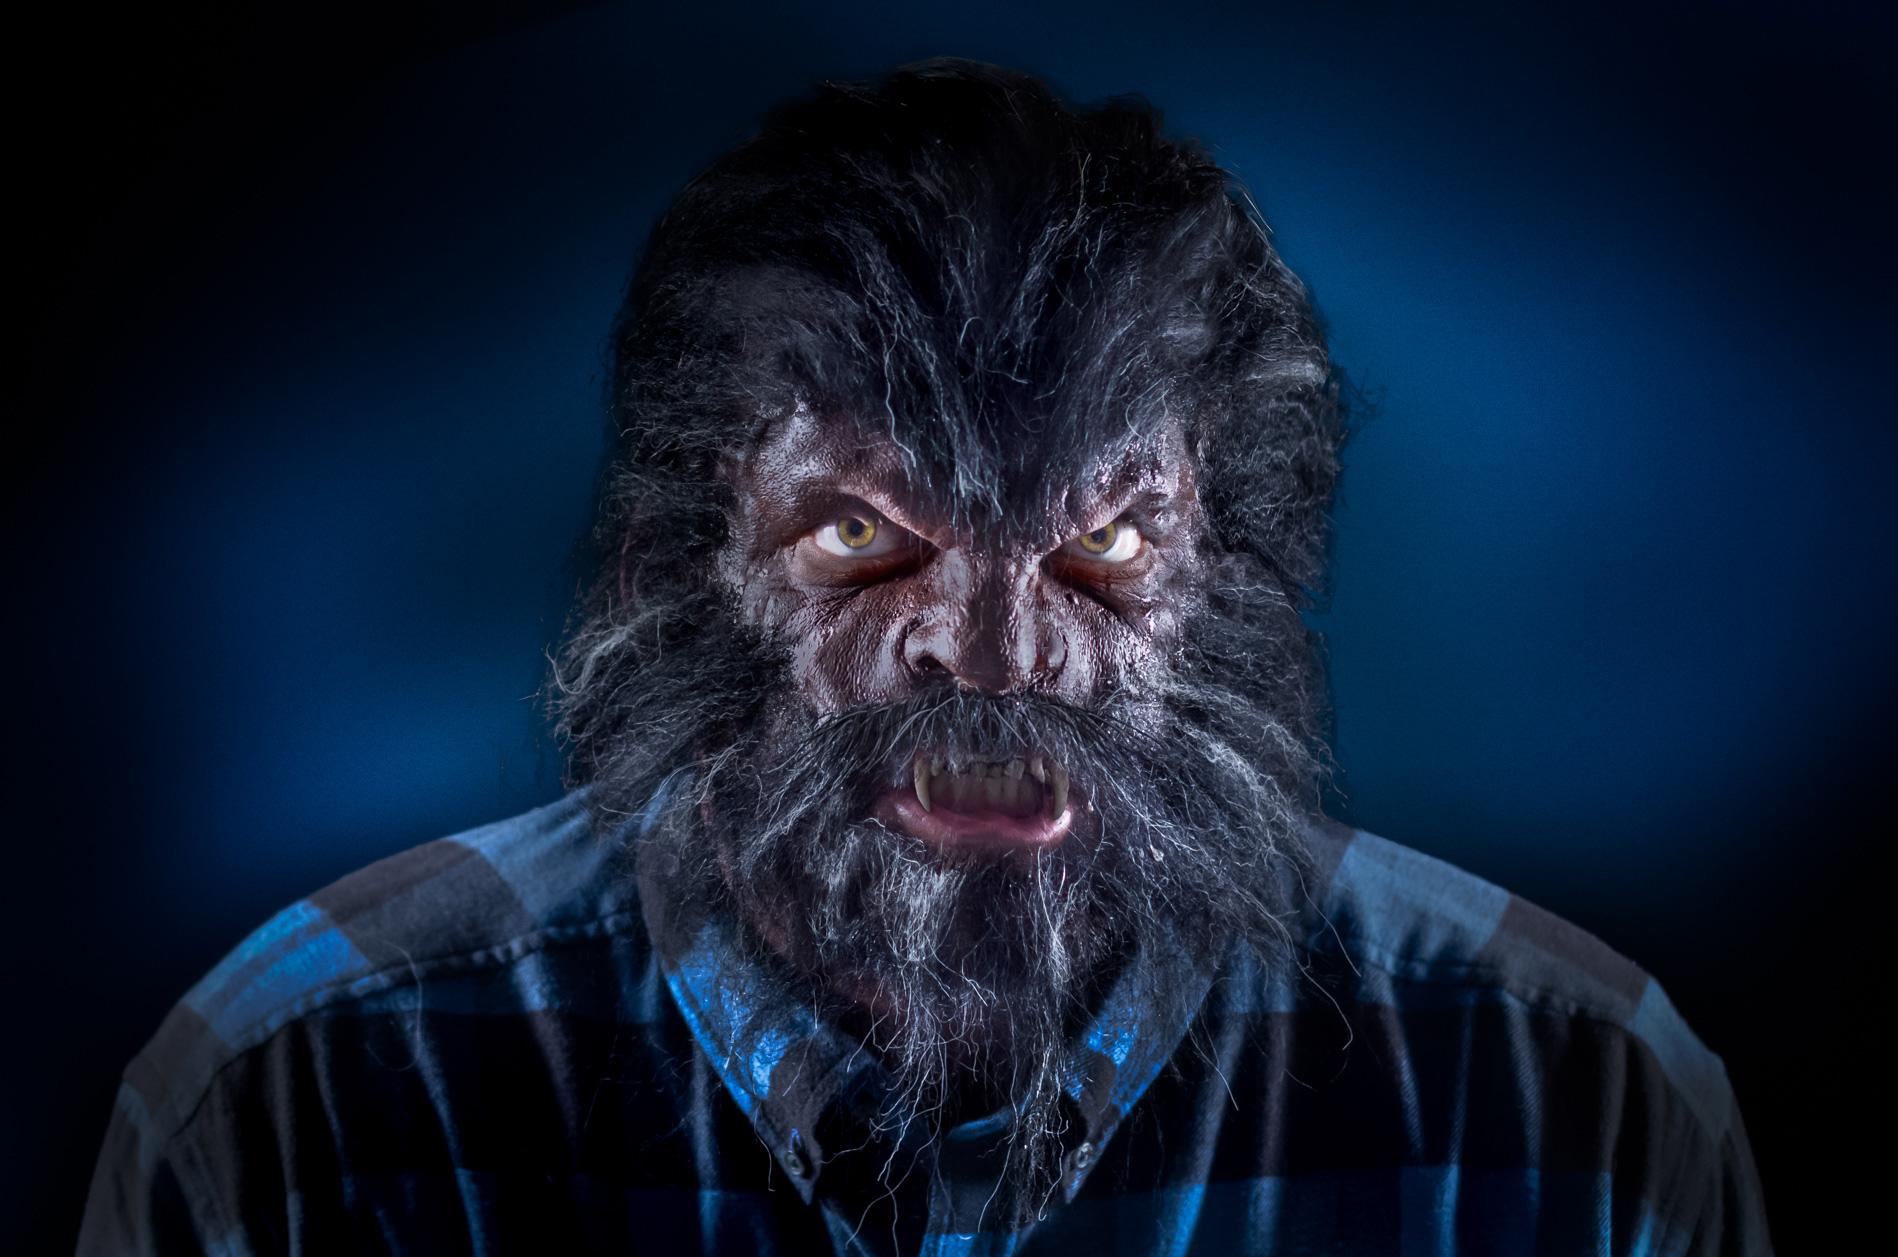 Older Werewolf - Halloween Portraiot 2017